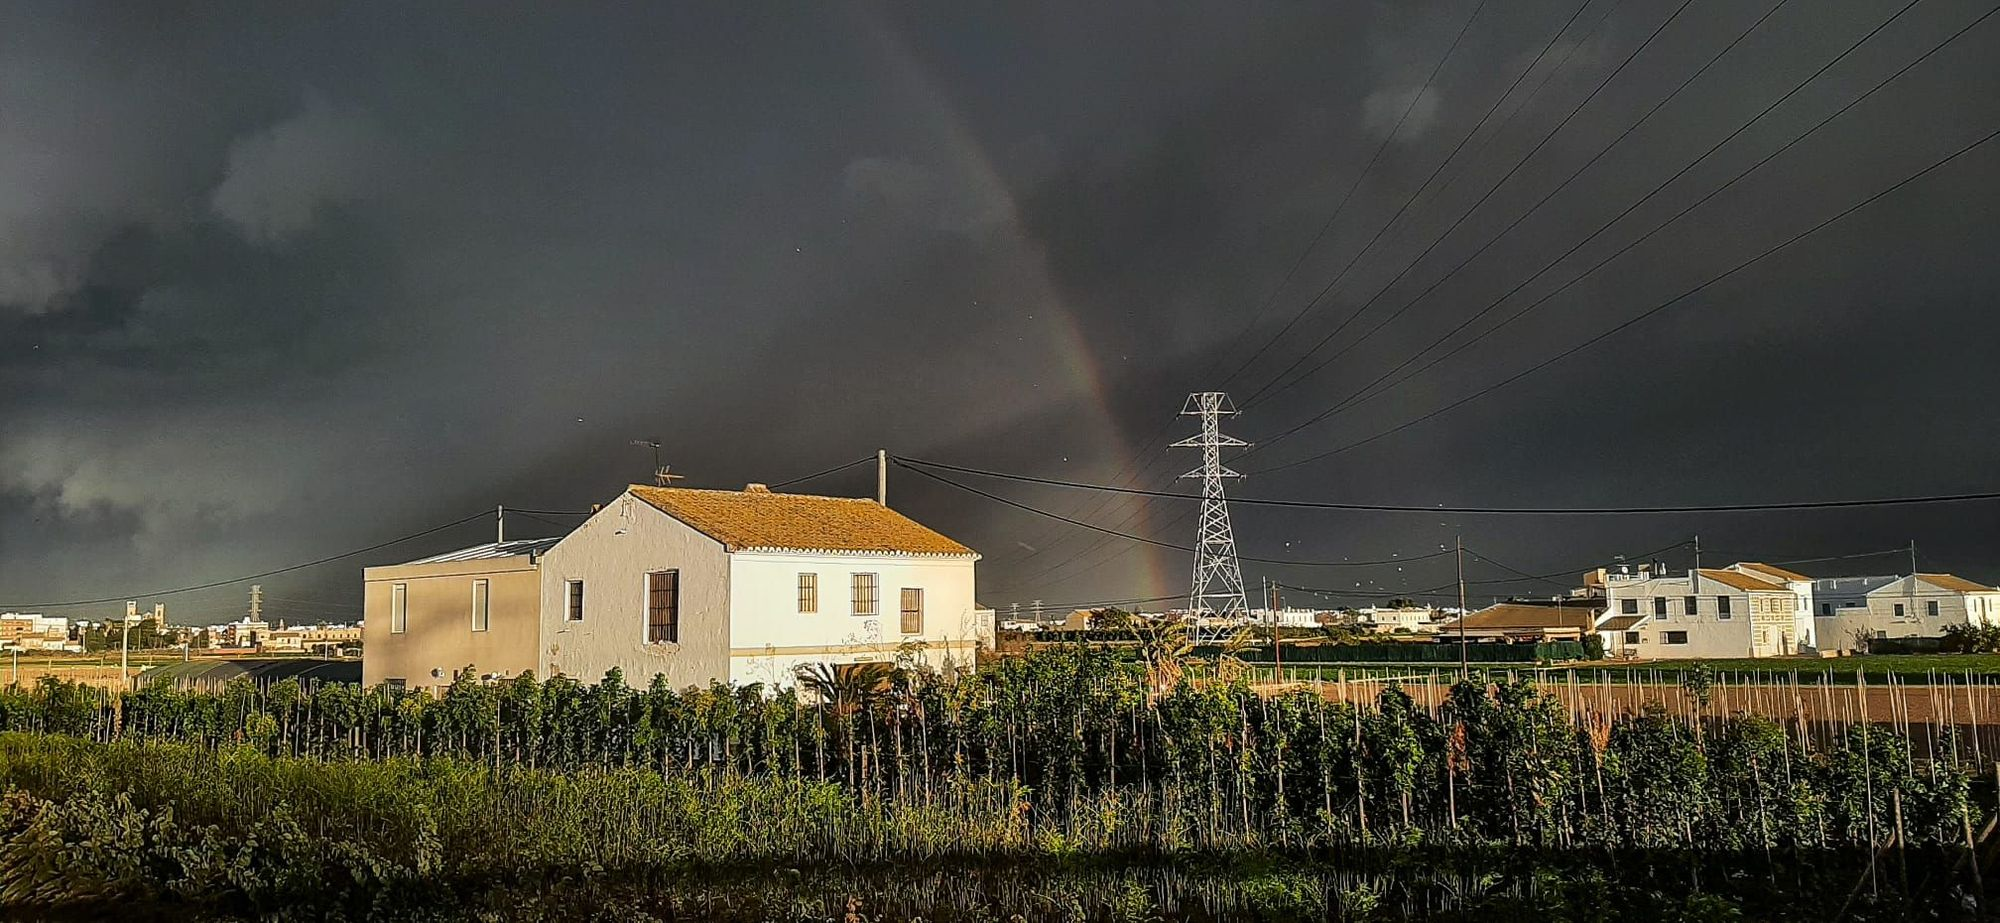 València amanece con un espectacular arcoiris